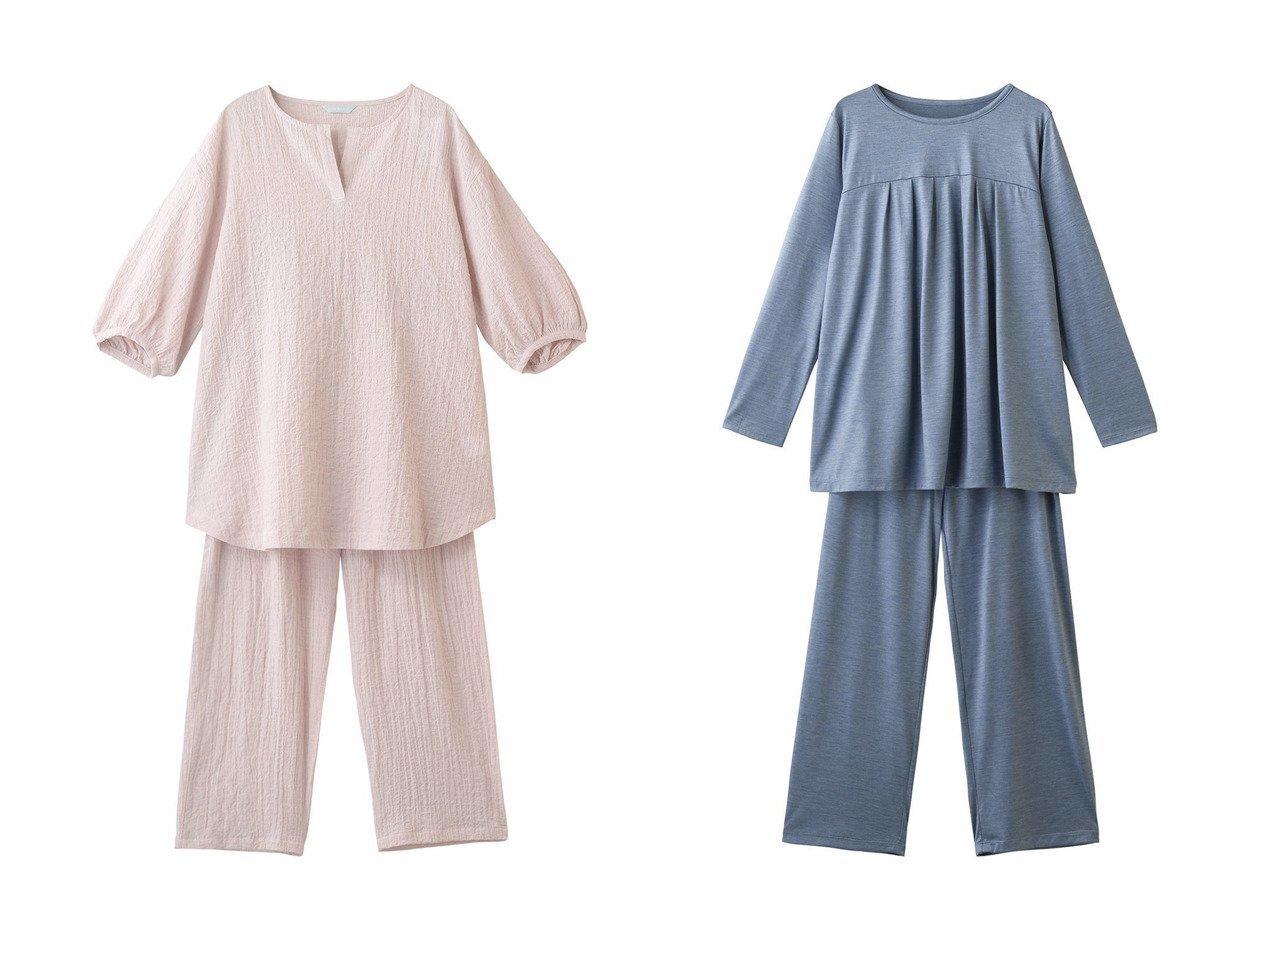 【KID BLUE/キッドブルー】のAWシャーリングコットンパジャマ&21AWトップシルク天竺パジャマ おすすめ!人気、トレンド・レディースファッションの通販  おすすめで人気の流行・トレンド、ファッションの通販商品 インテリア・家具・メンズファッション・キッズファッション・レディースファッション・服の通販 founy(ファニー) https://founy.com/ ファッション Fashion レディースファッション WOMEN トップス・カットソー Tops/Tshirt A/W・秋冬 AW・Autumn/Winter・FW・Fall-Winter スリット パジャマ フェミニン 2021年 2021 2021-2022秋冬・A/W AW・Autumn/Winter・FW・Fall-Winter・2021-2022 なめらか シルク シンプル ラベンダー 長袖  ID:crp329100000063087